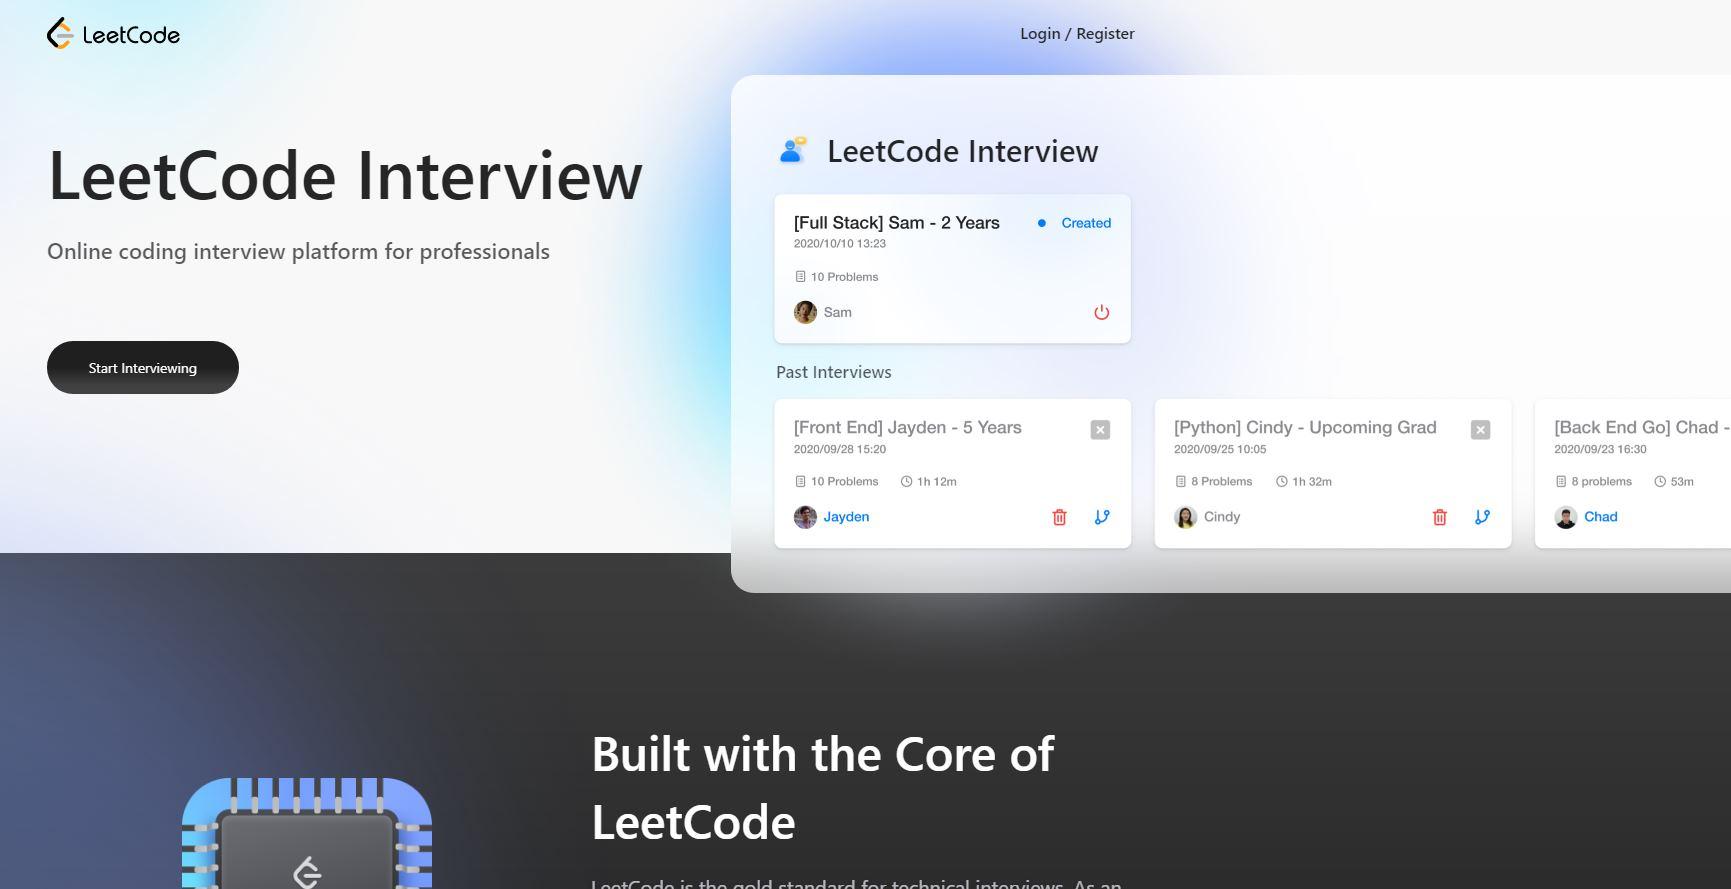 leetcode